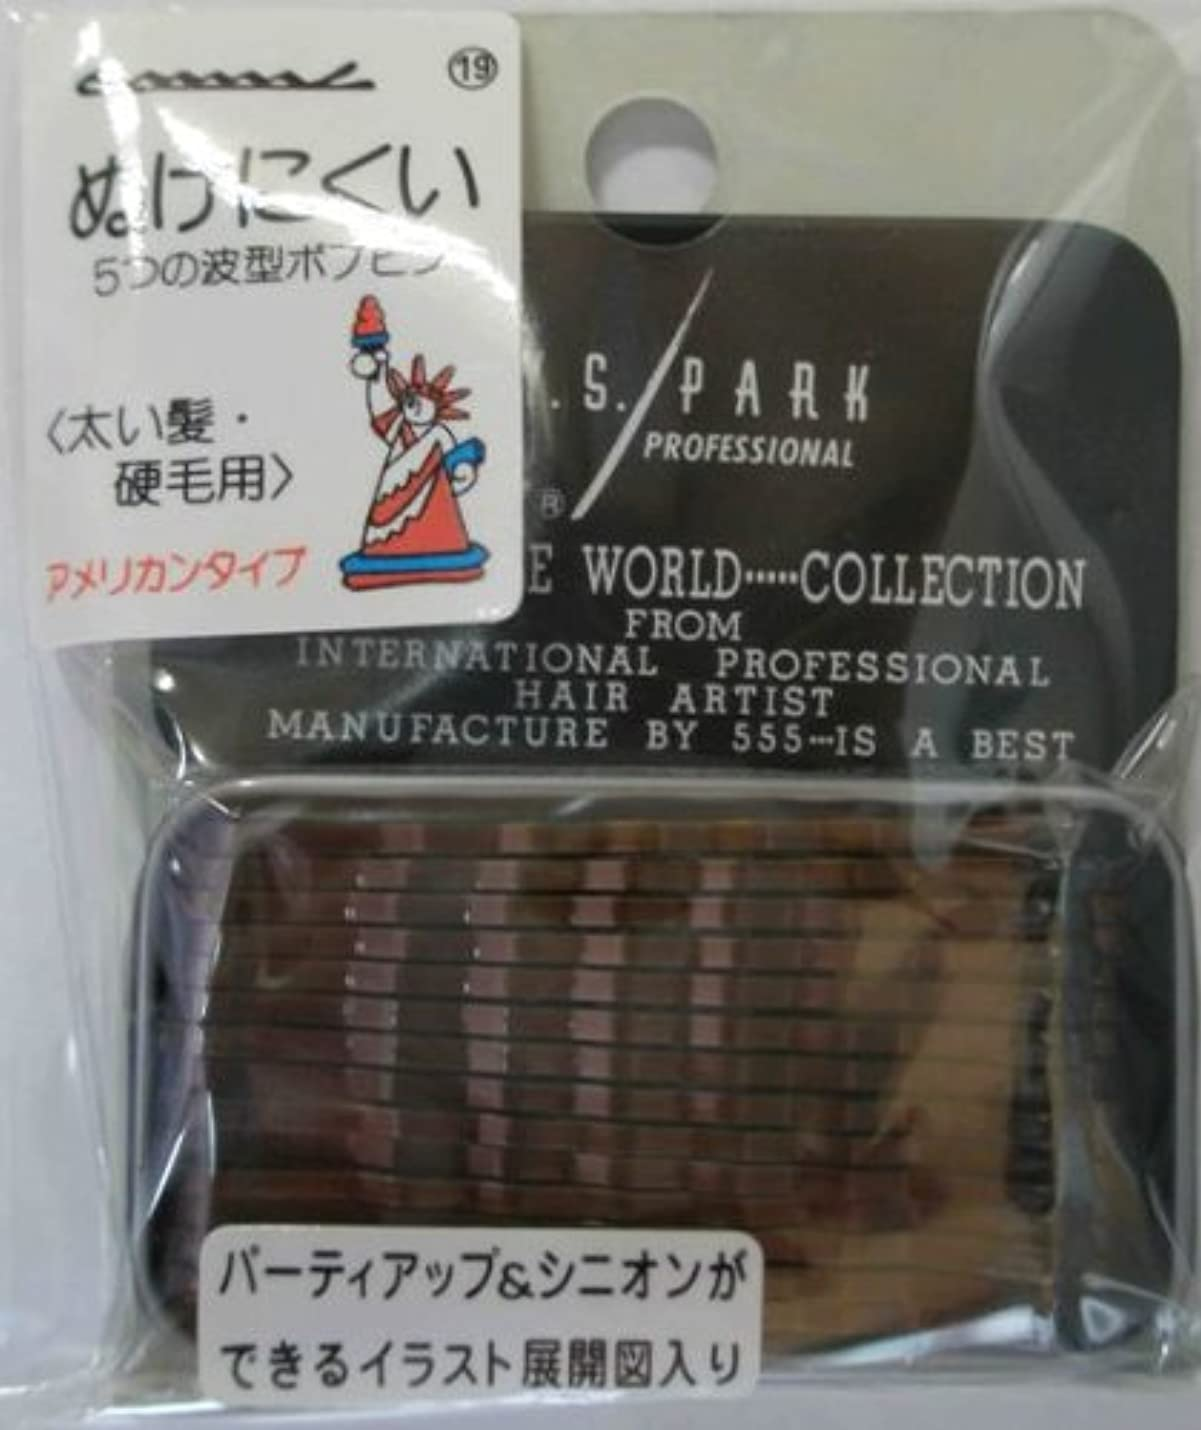 はっきりと補助人工Y.S.PARK世界のヘアピンコレクションNo.19(太い髪?硬毛用)アメリカンタイプ40P